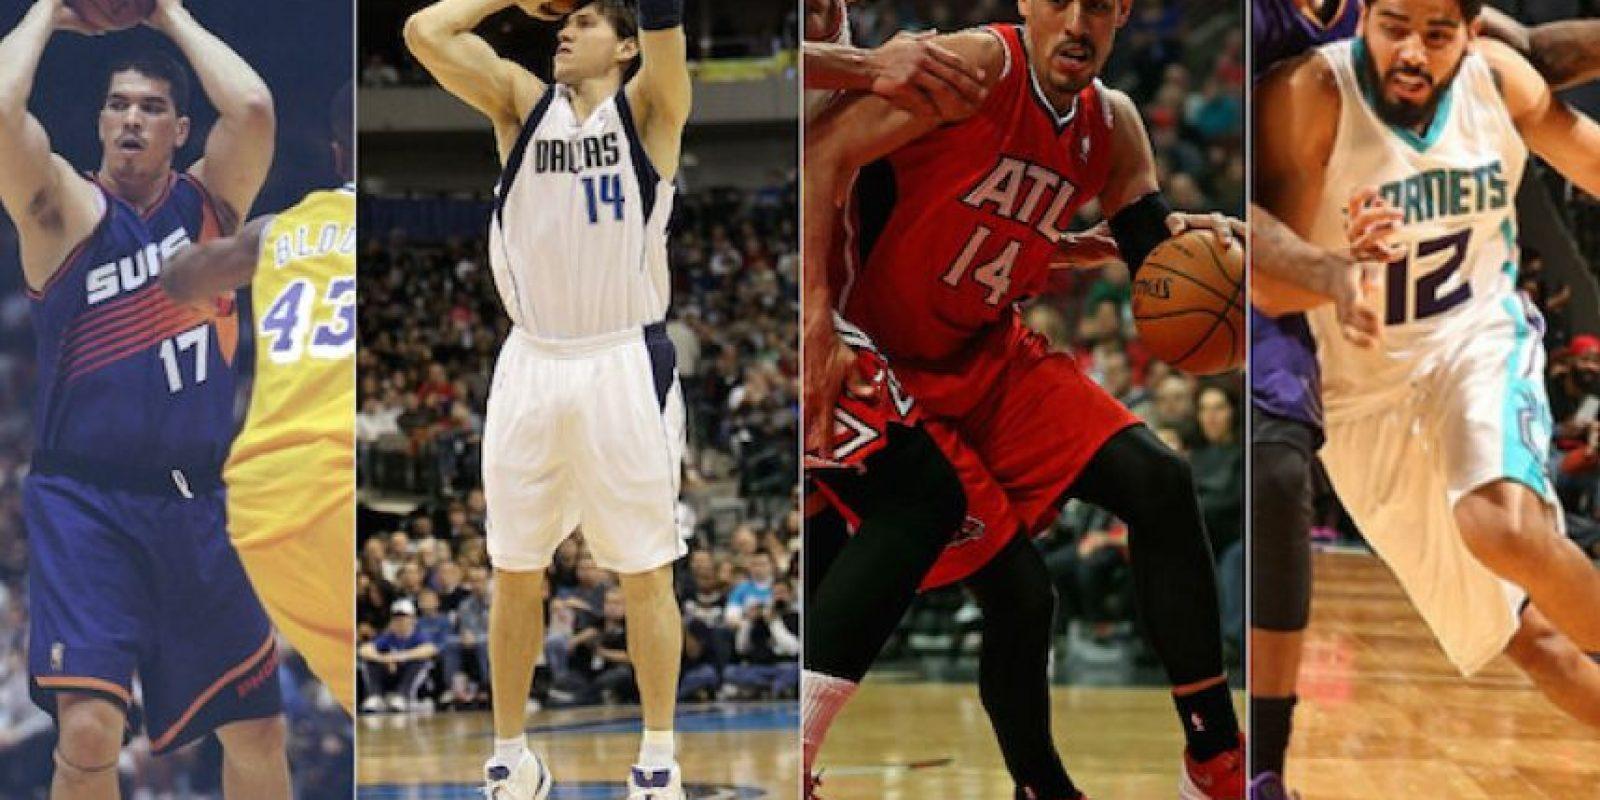 Estos son los cuatro mexicanos que han militado en la liga de basquetbol más poderosa del mundo: la NBA. Foto:Especial